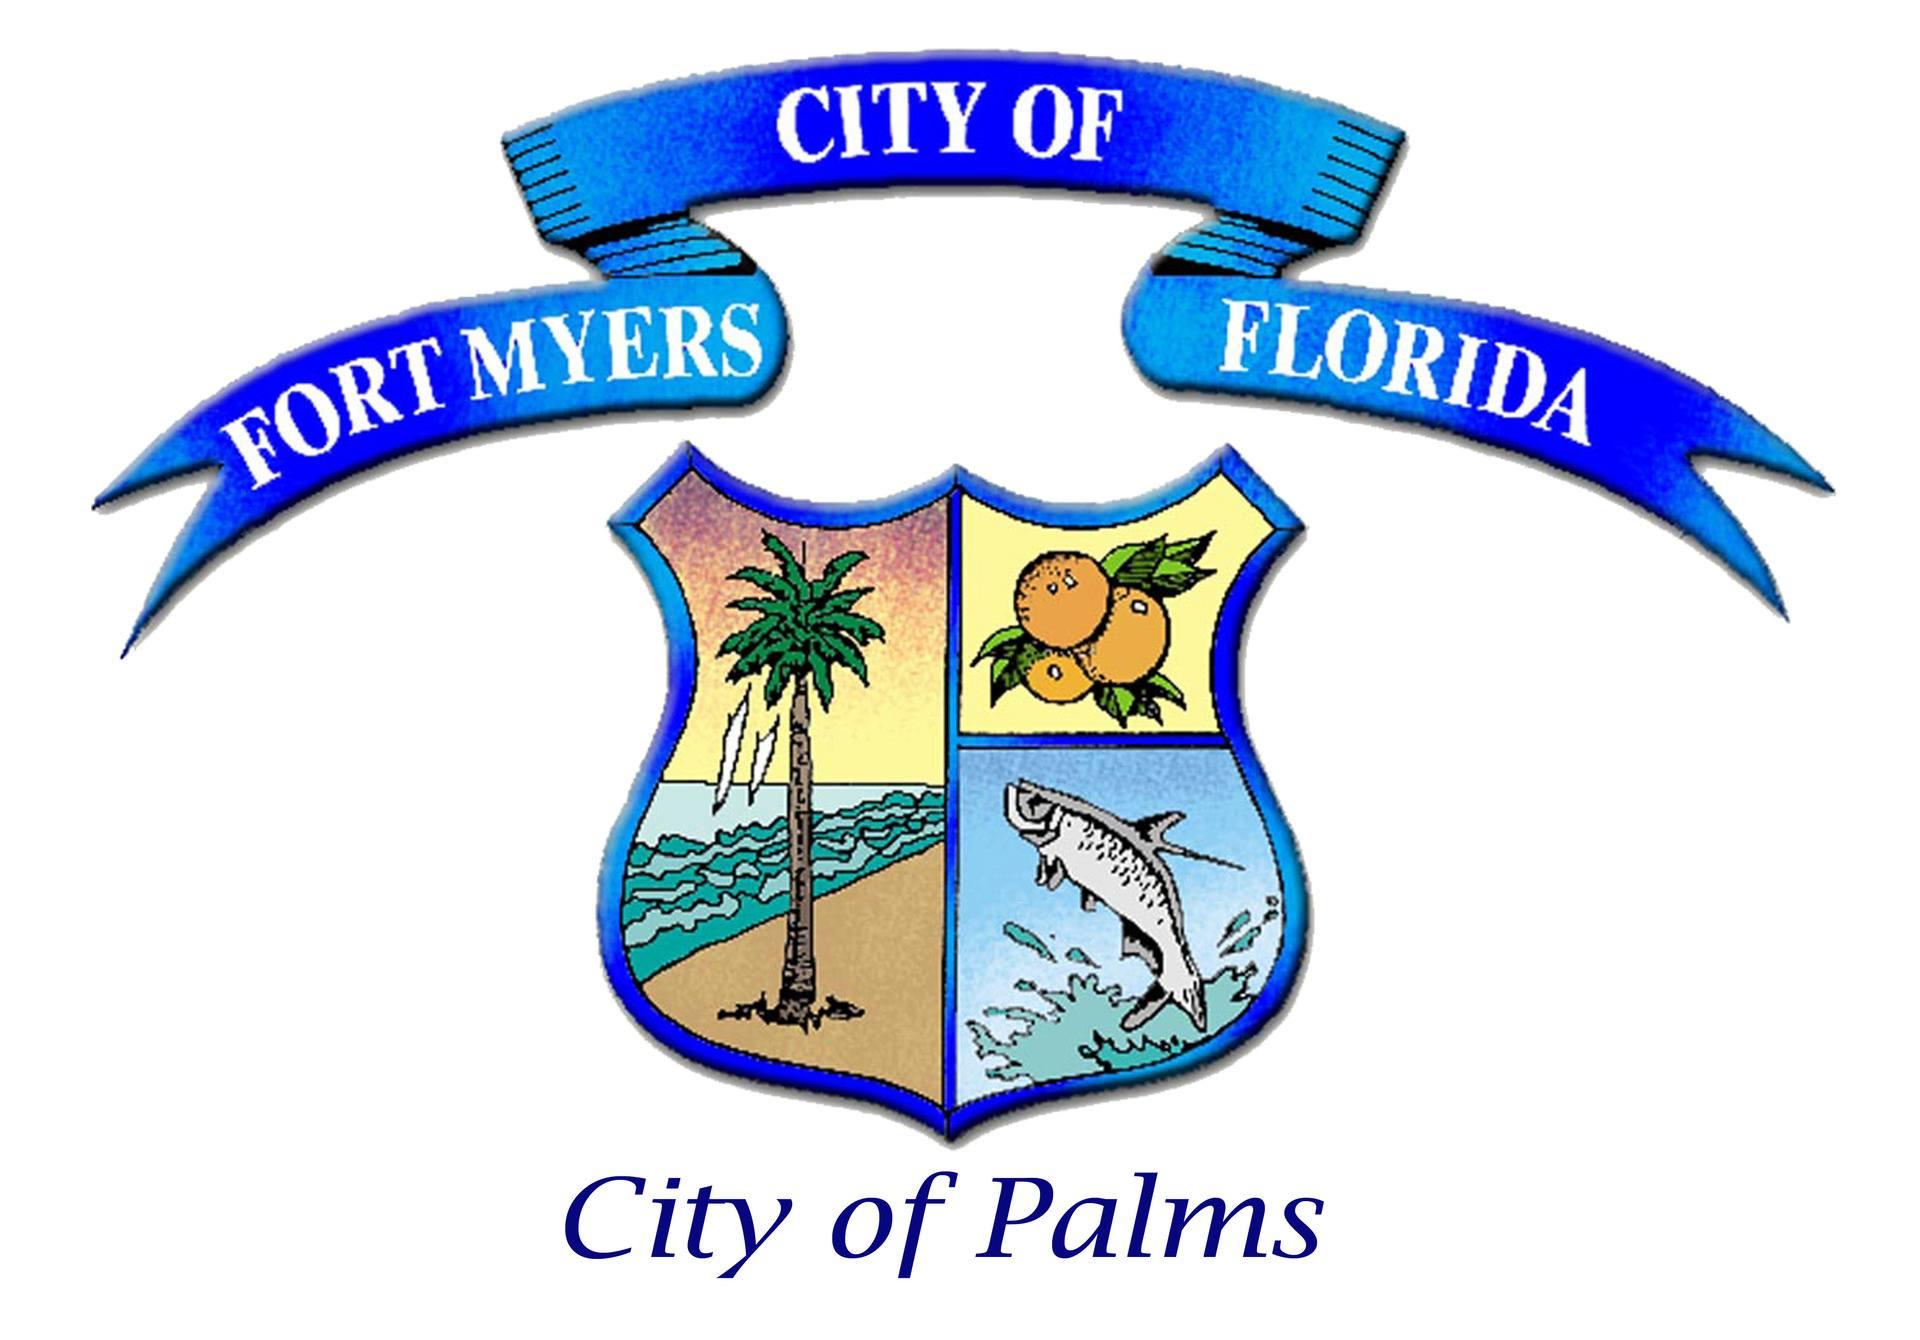 City-Ft-Myers-logo.jpg